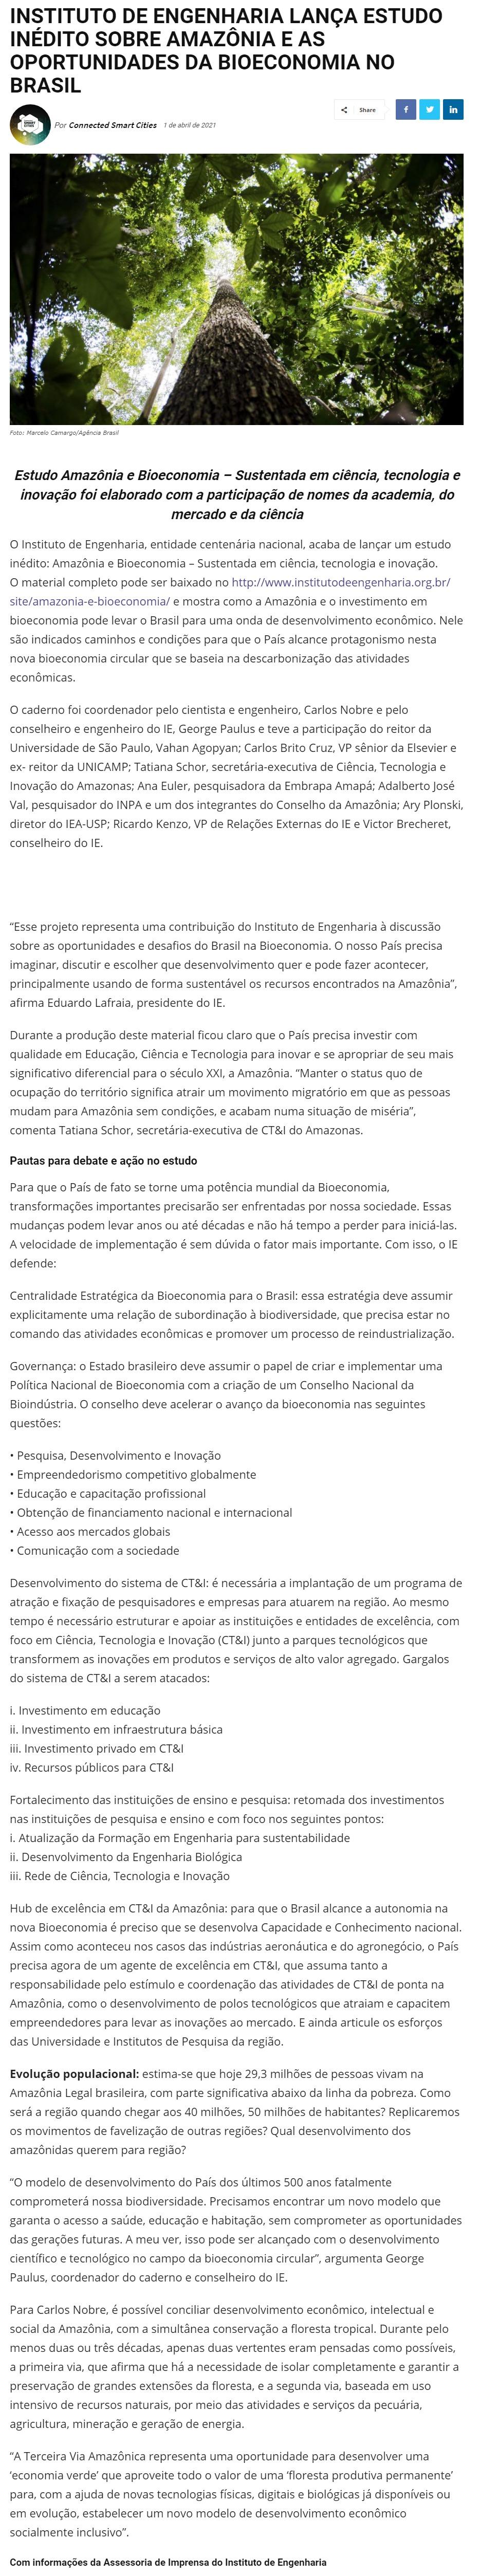 INSTITUTO DE ENGENHARIA LANÇA ESTUDO INÉDITO SOBRE AMAZÔNIA E AS OPORTUNIDADES DA BIOECONOMIA NO BRASIL - Cidades Inteligentes